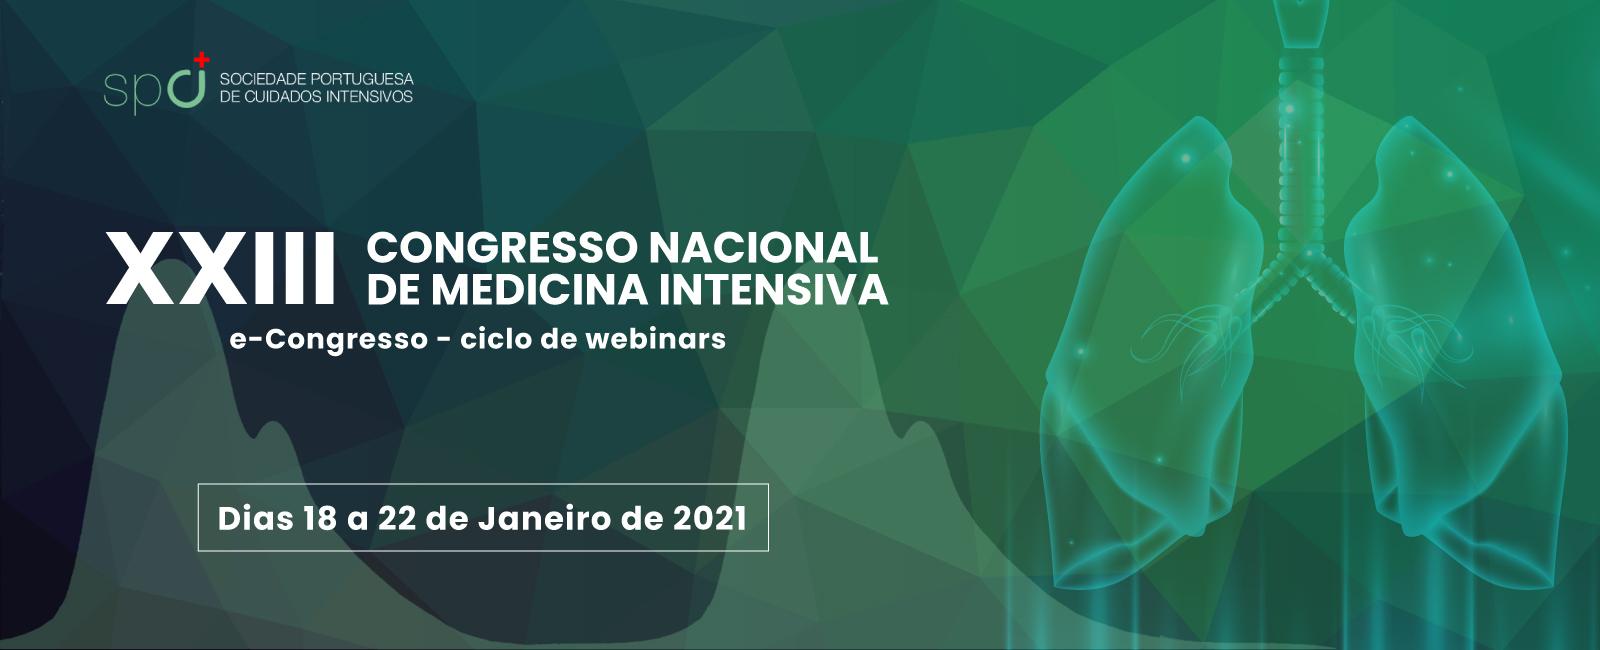 XXIII Congresso Nacional de Medicina Intensiva